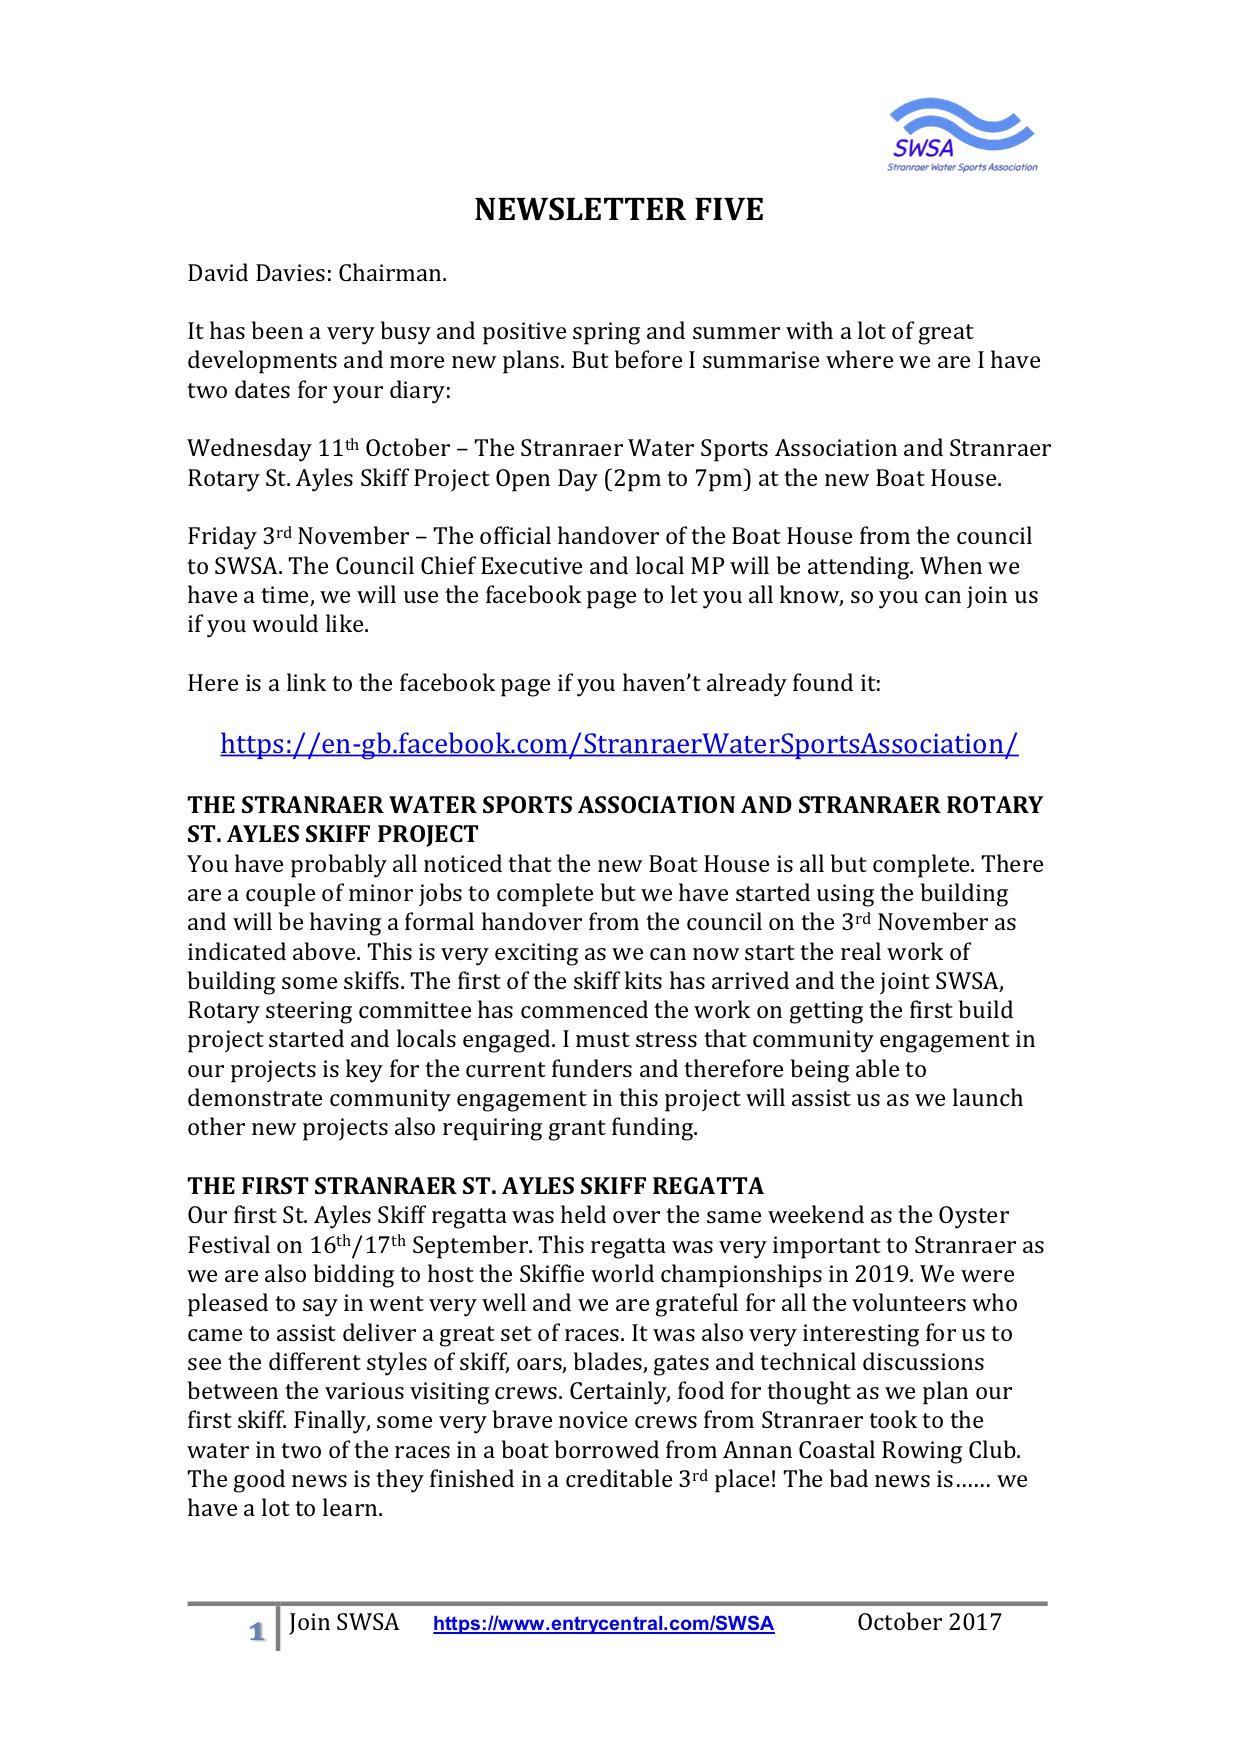 Stranraer Water Sports Association Newsletter 5.jpg